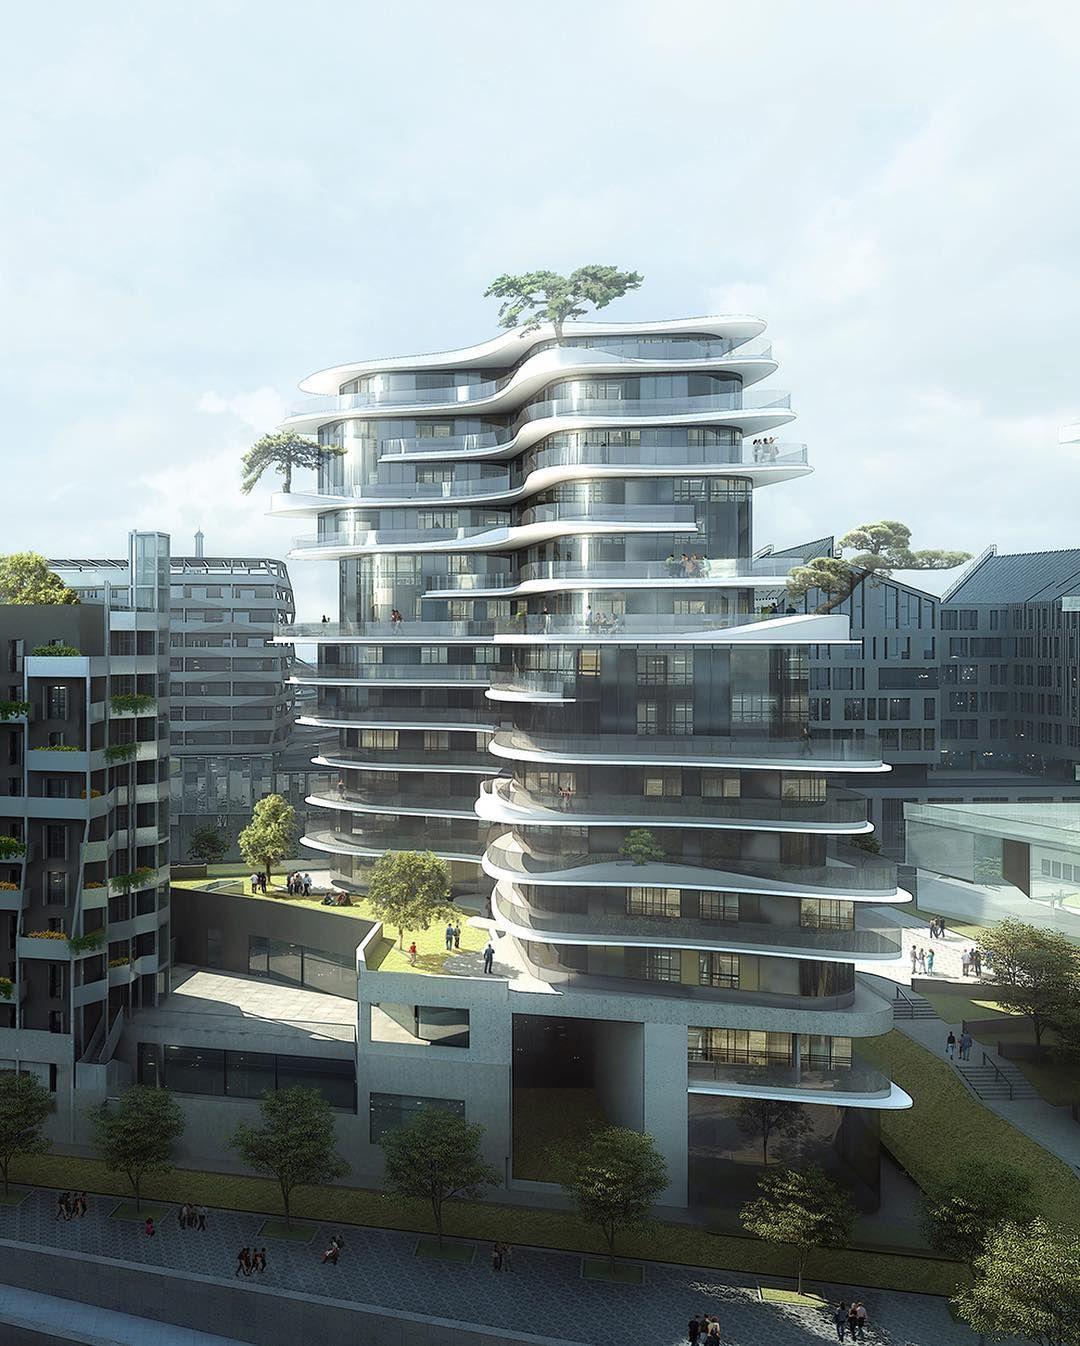 Immobilier Bien Vend Achat Location France Maison Appartement Clients Nouveaux Immeuble Agence Imm Immobilier Architecture De Façade Architecture Résidentielle